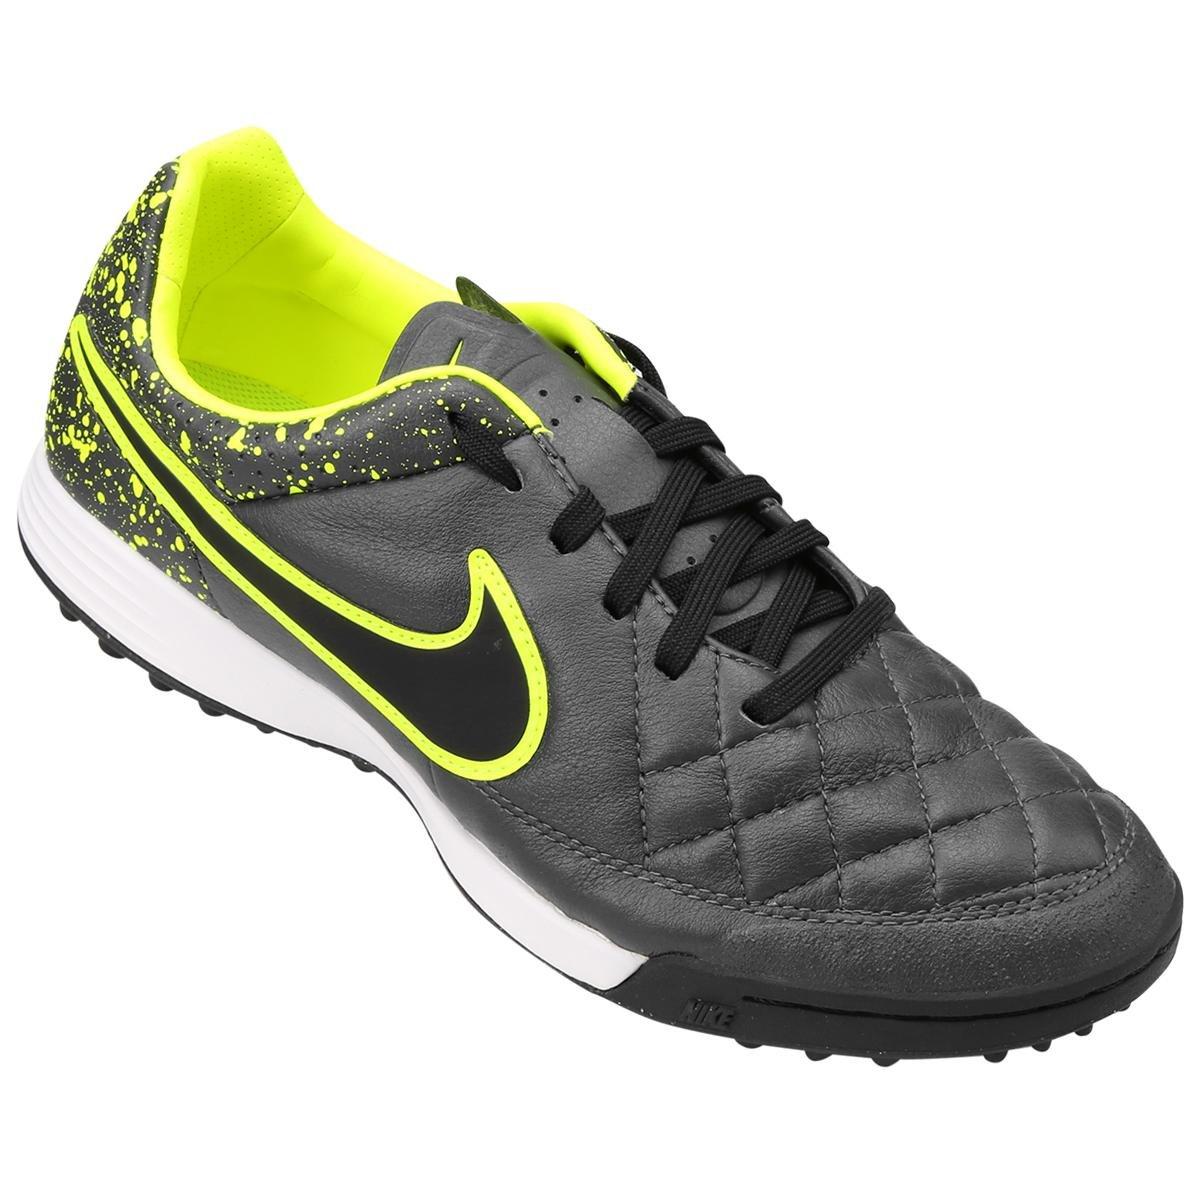 72a40dc6cf Chuteira Nike Tiempo Legacy TF - Compre Agora